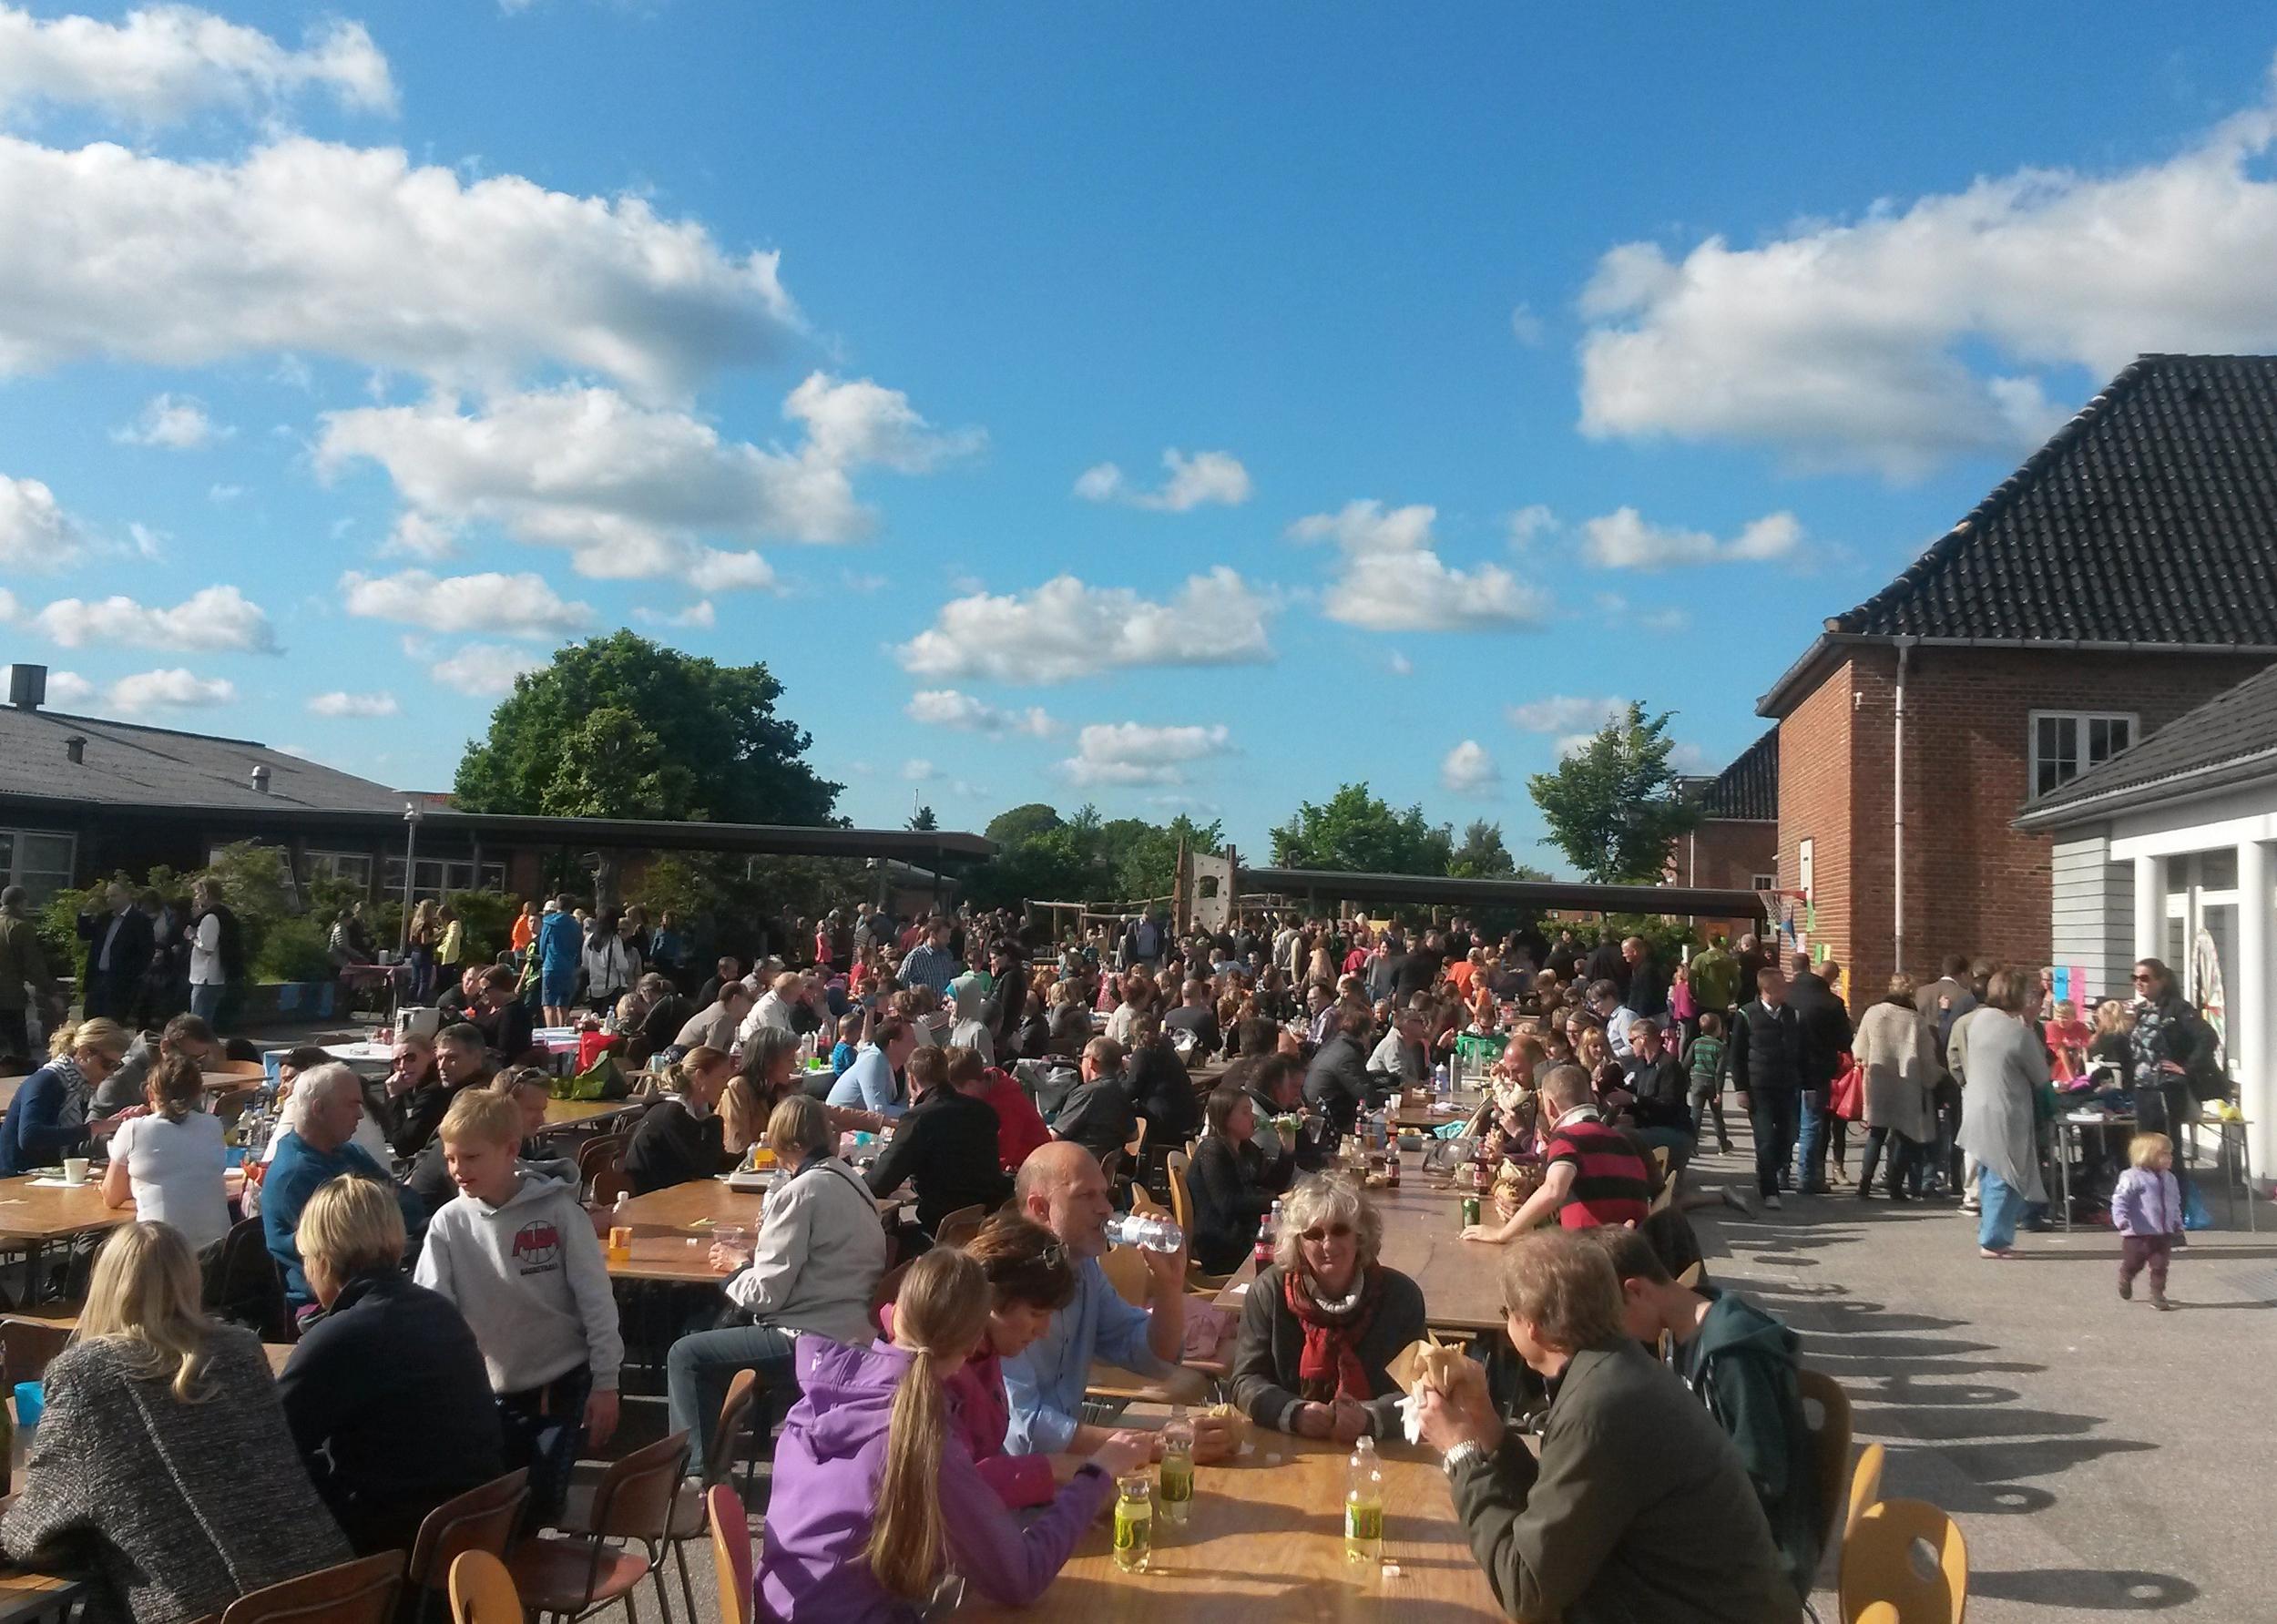 Der blev hurtigt trængsel ved alle boderne rundt om i skolegården, og alle fik plads i solen ved de mange borde, hvor der var dækket til 500 personer, men det vurderes, at der i alt var op mod 700 børn og voksne, som fejrede dagen.